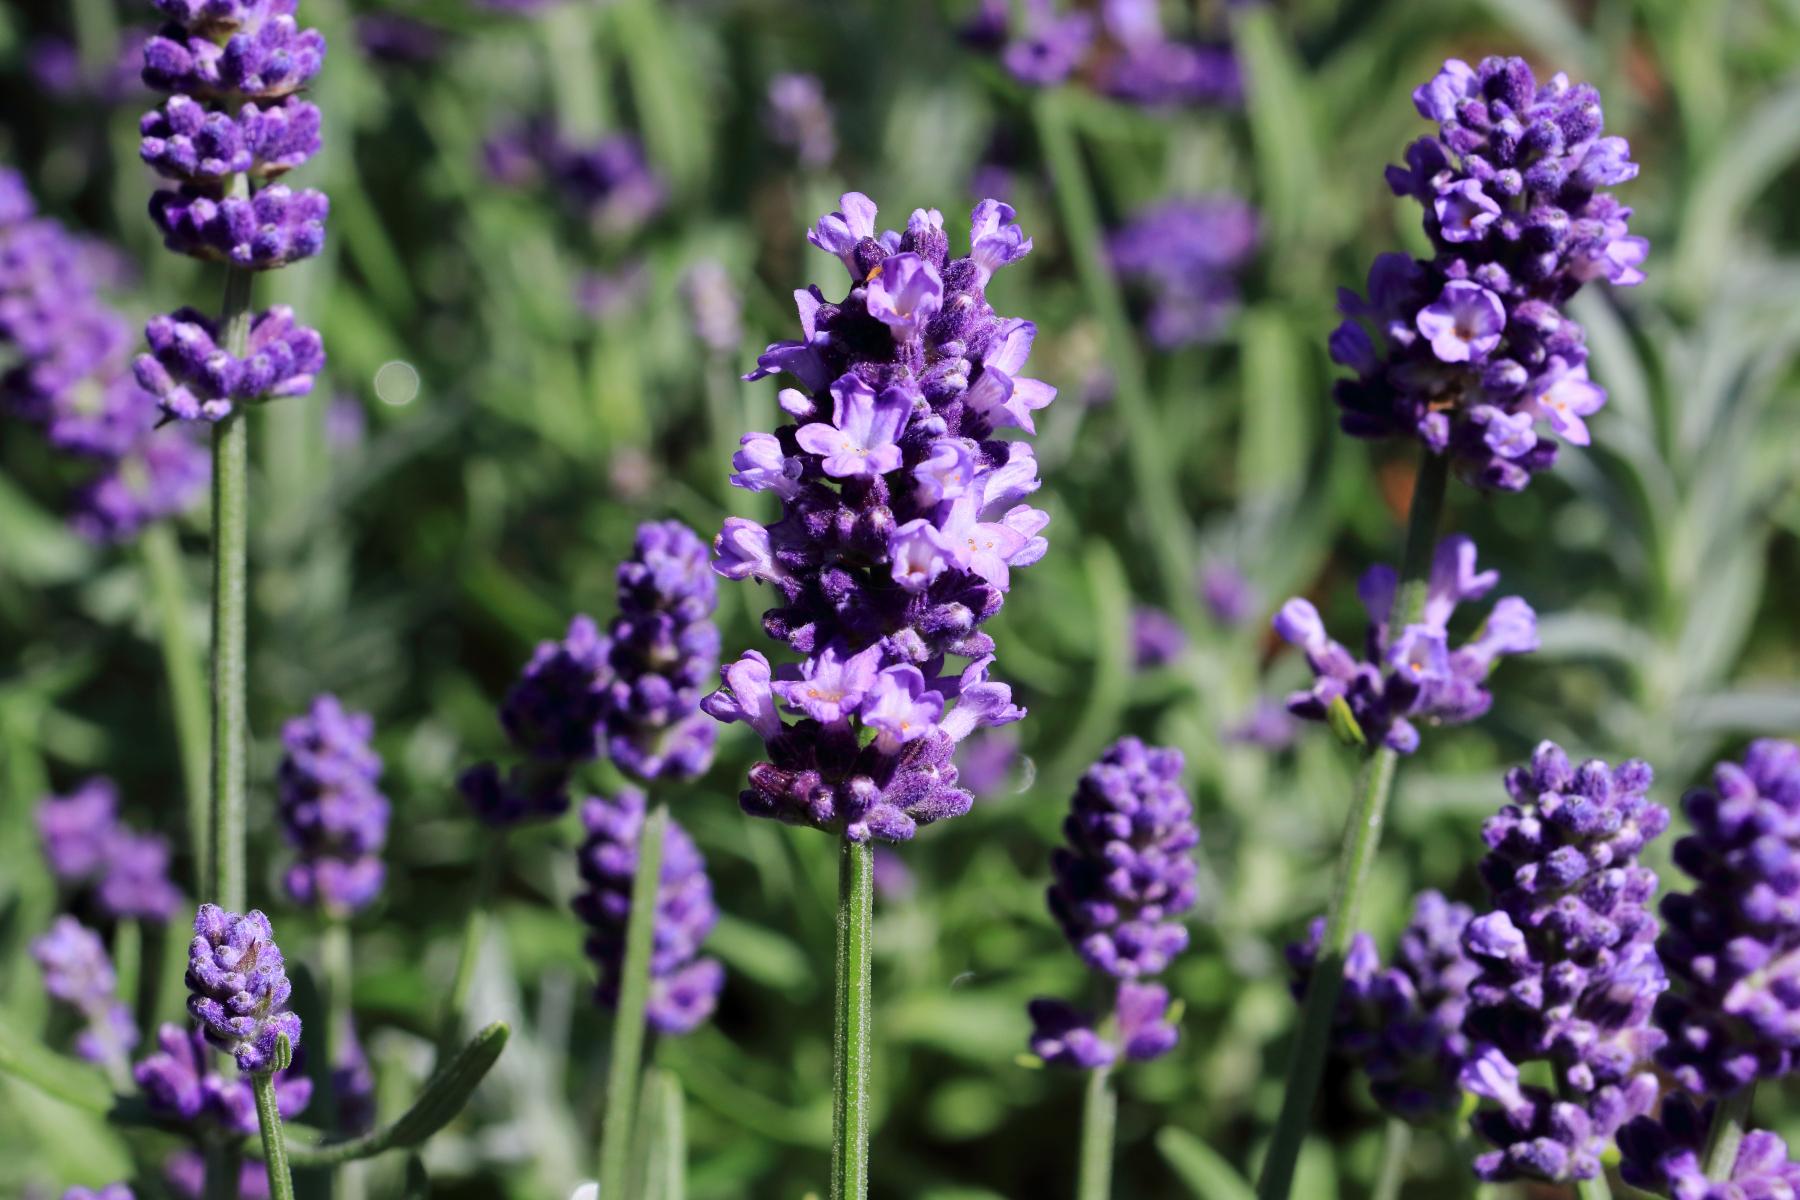 Plante med mange små blålilla blomster på stilk